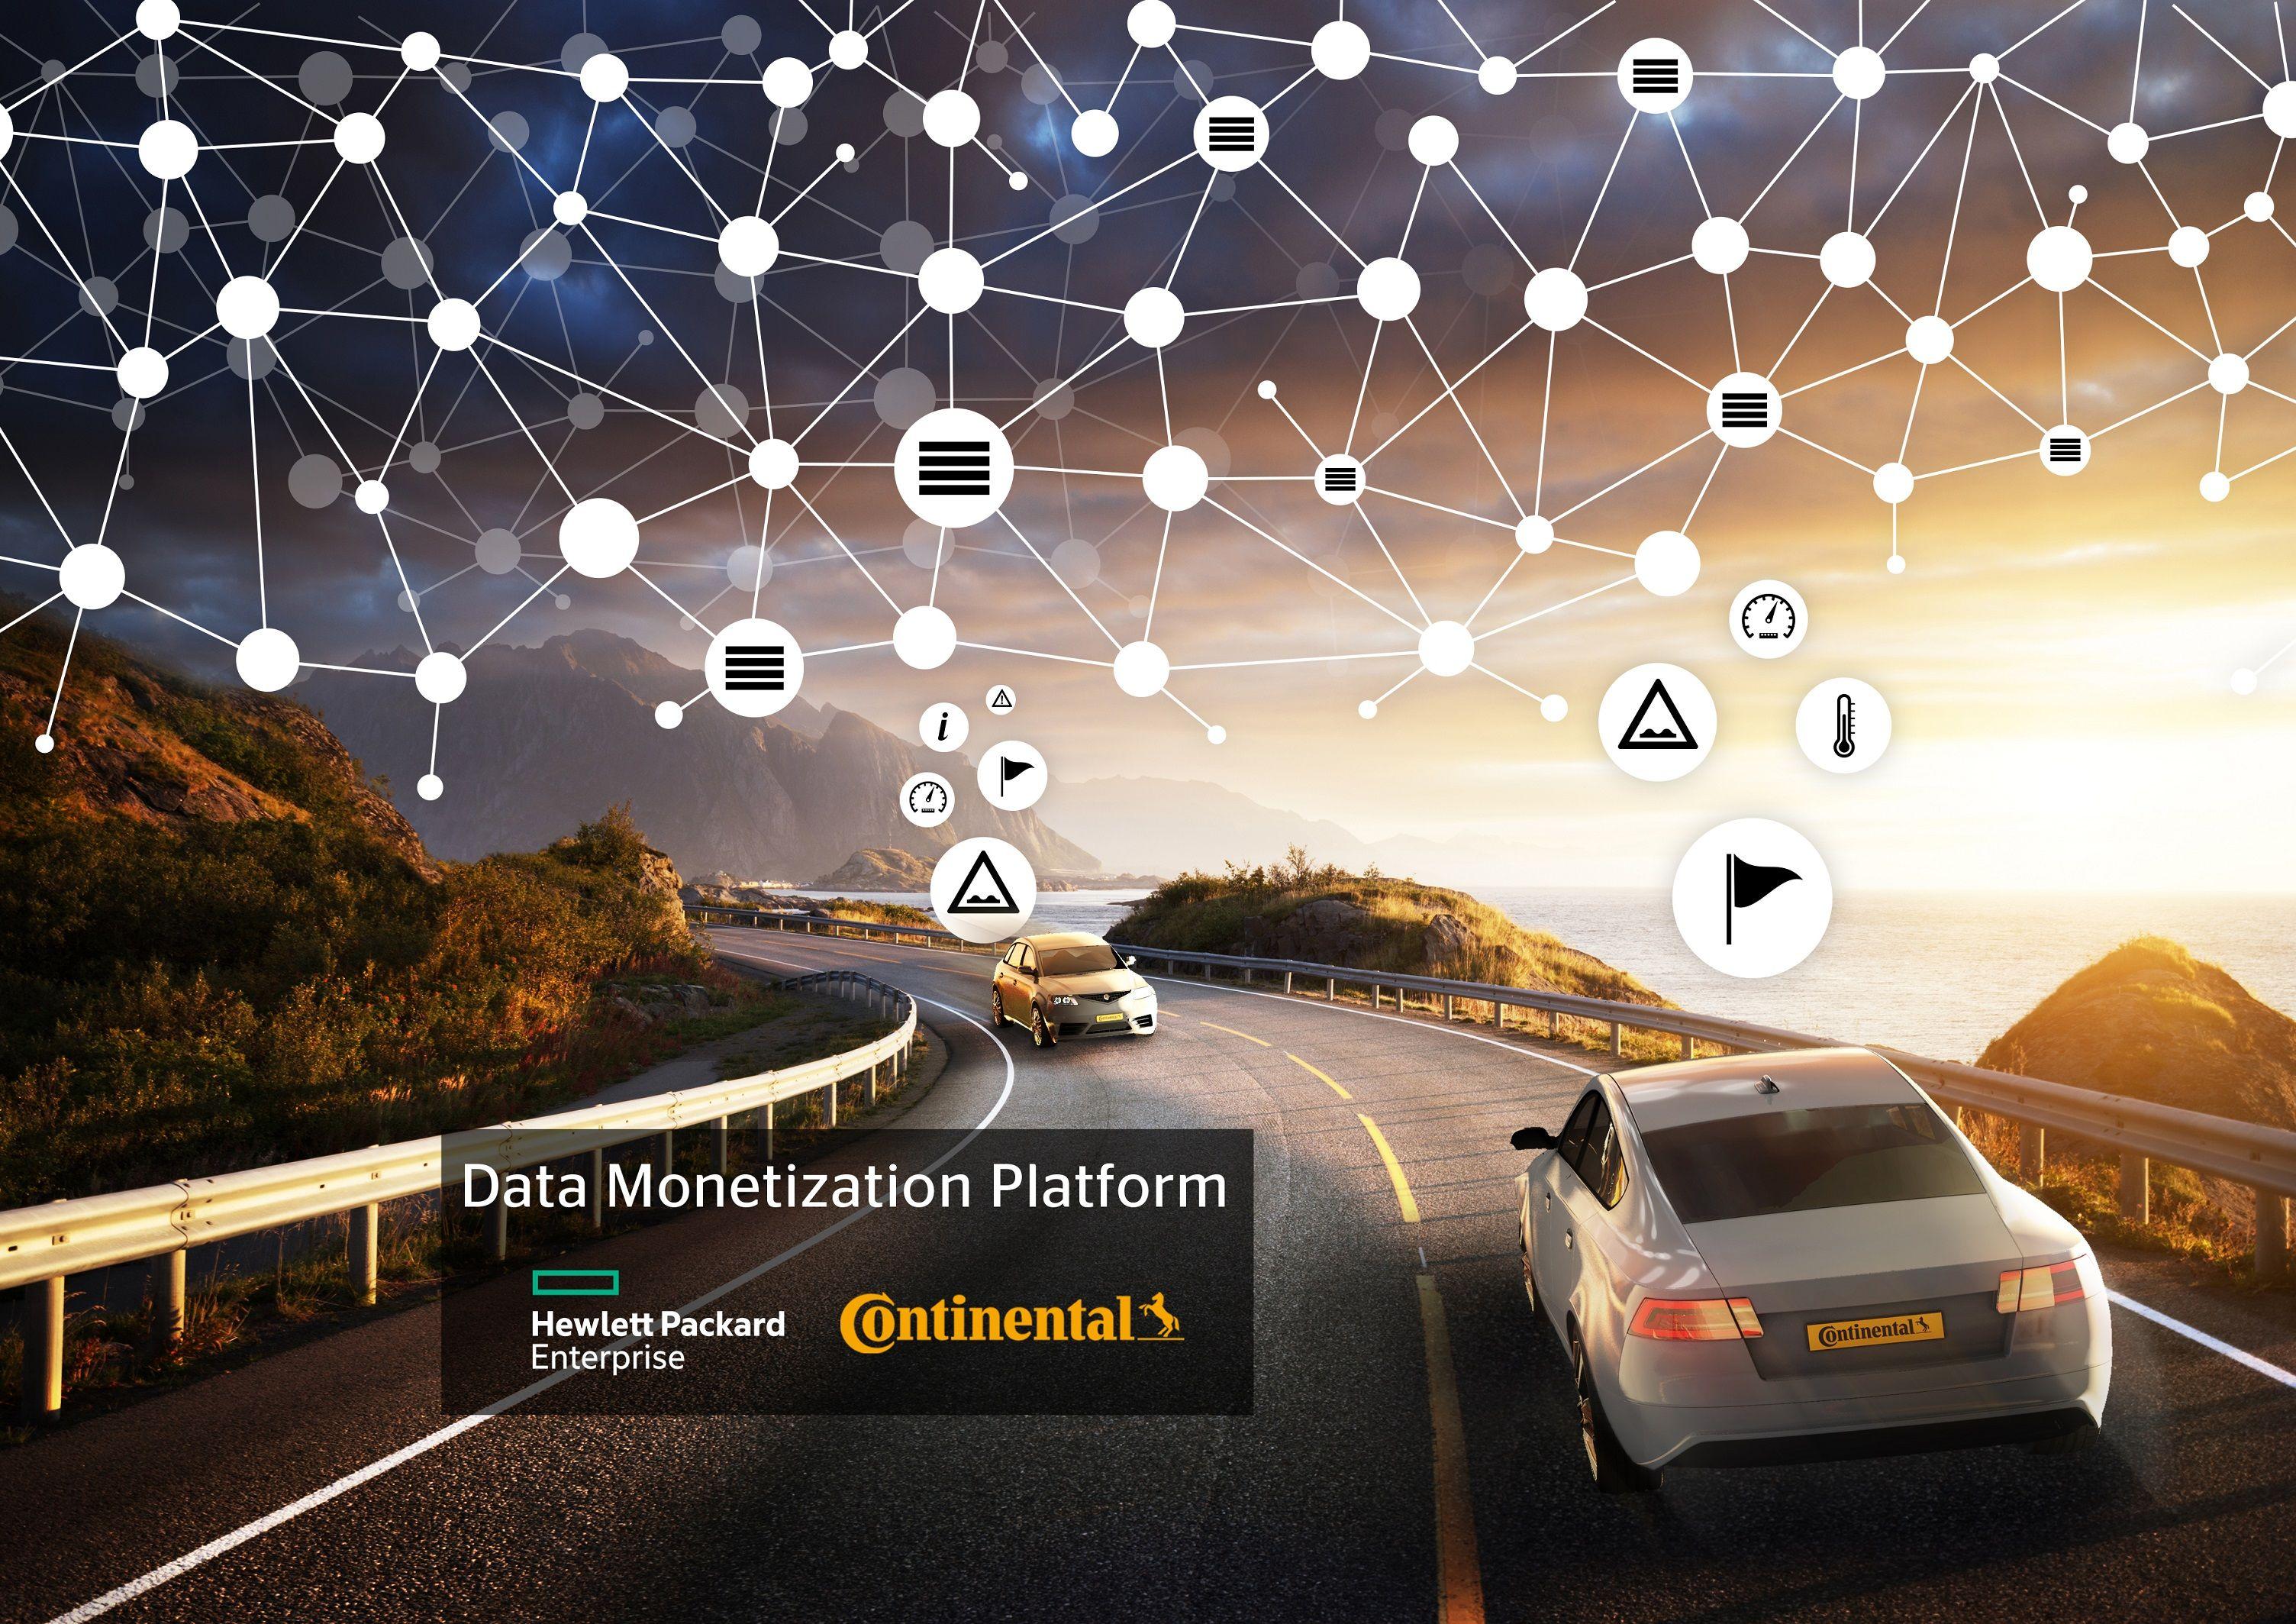 hpe-conti_data-monetization-platform_klein.jpg